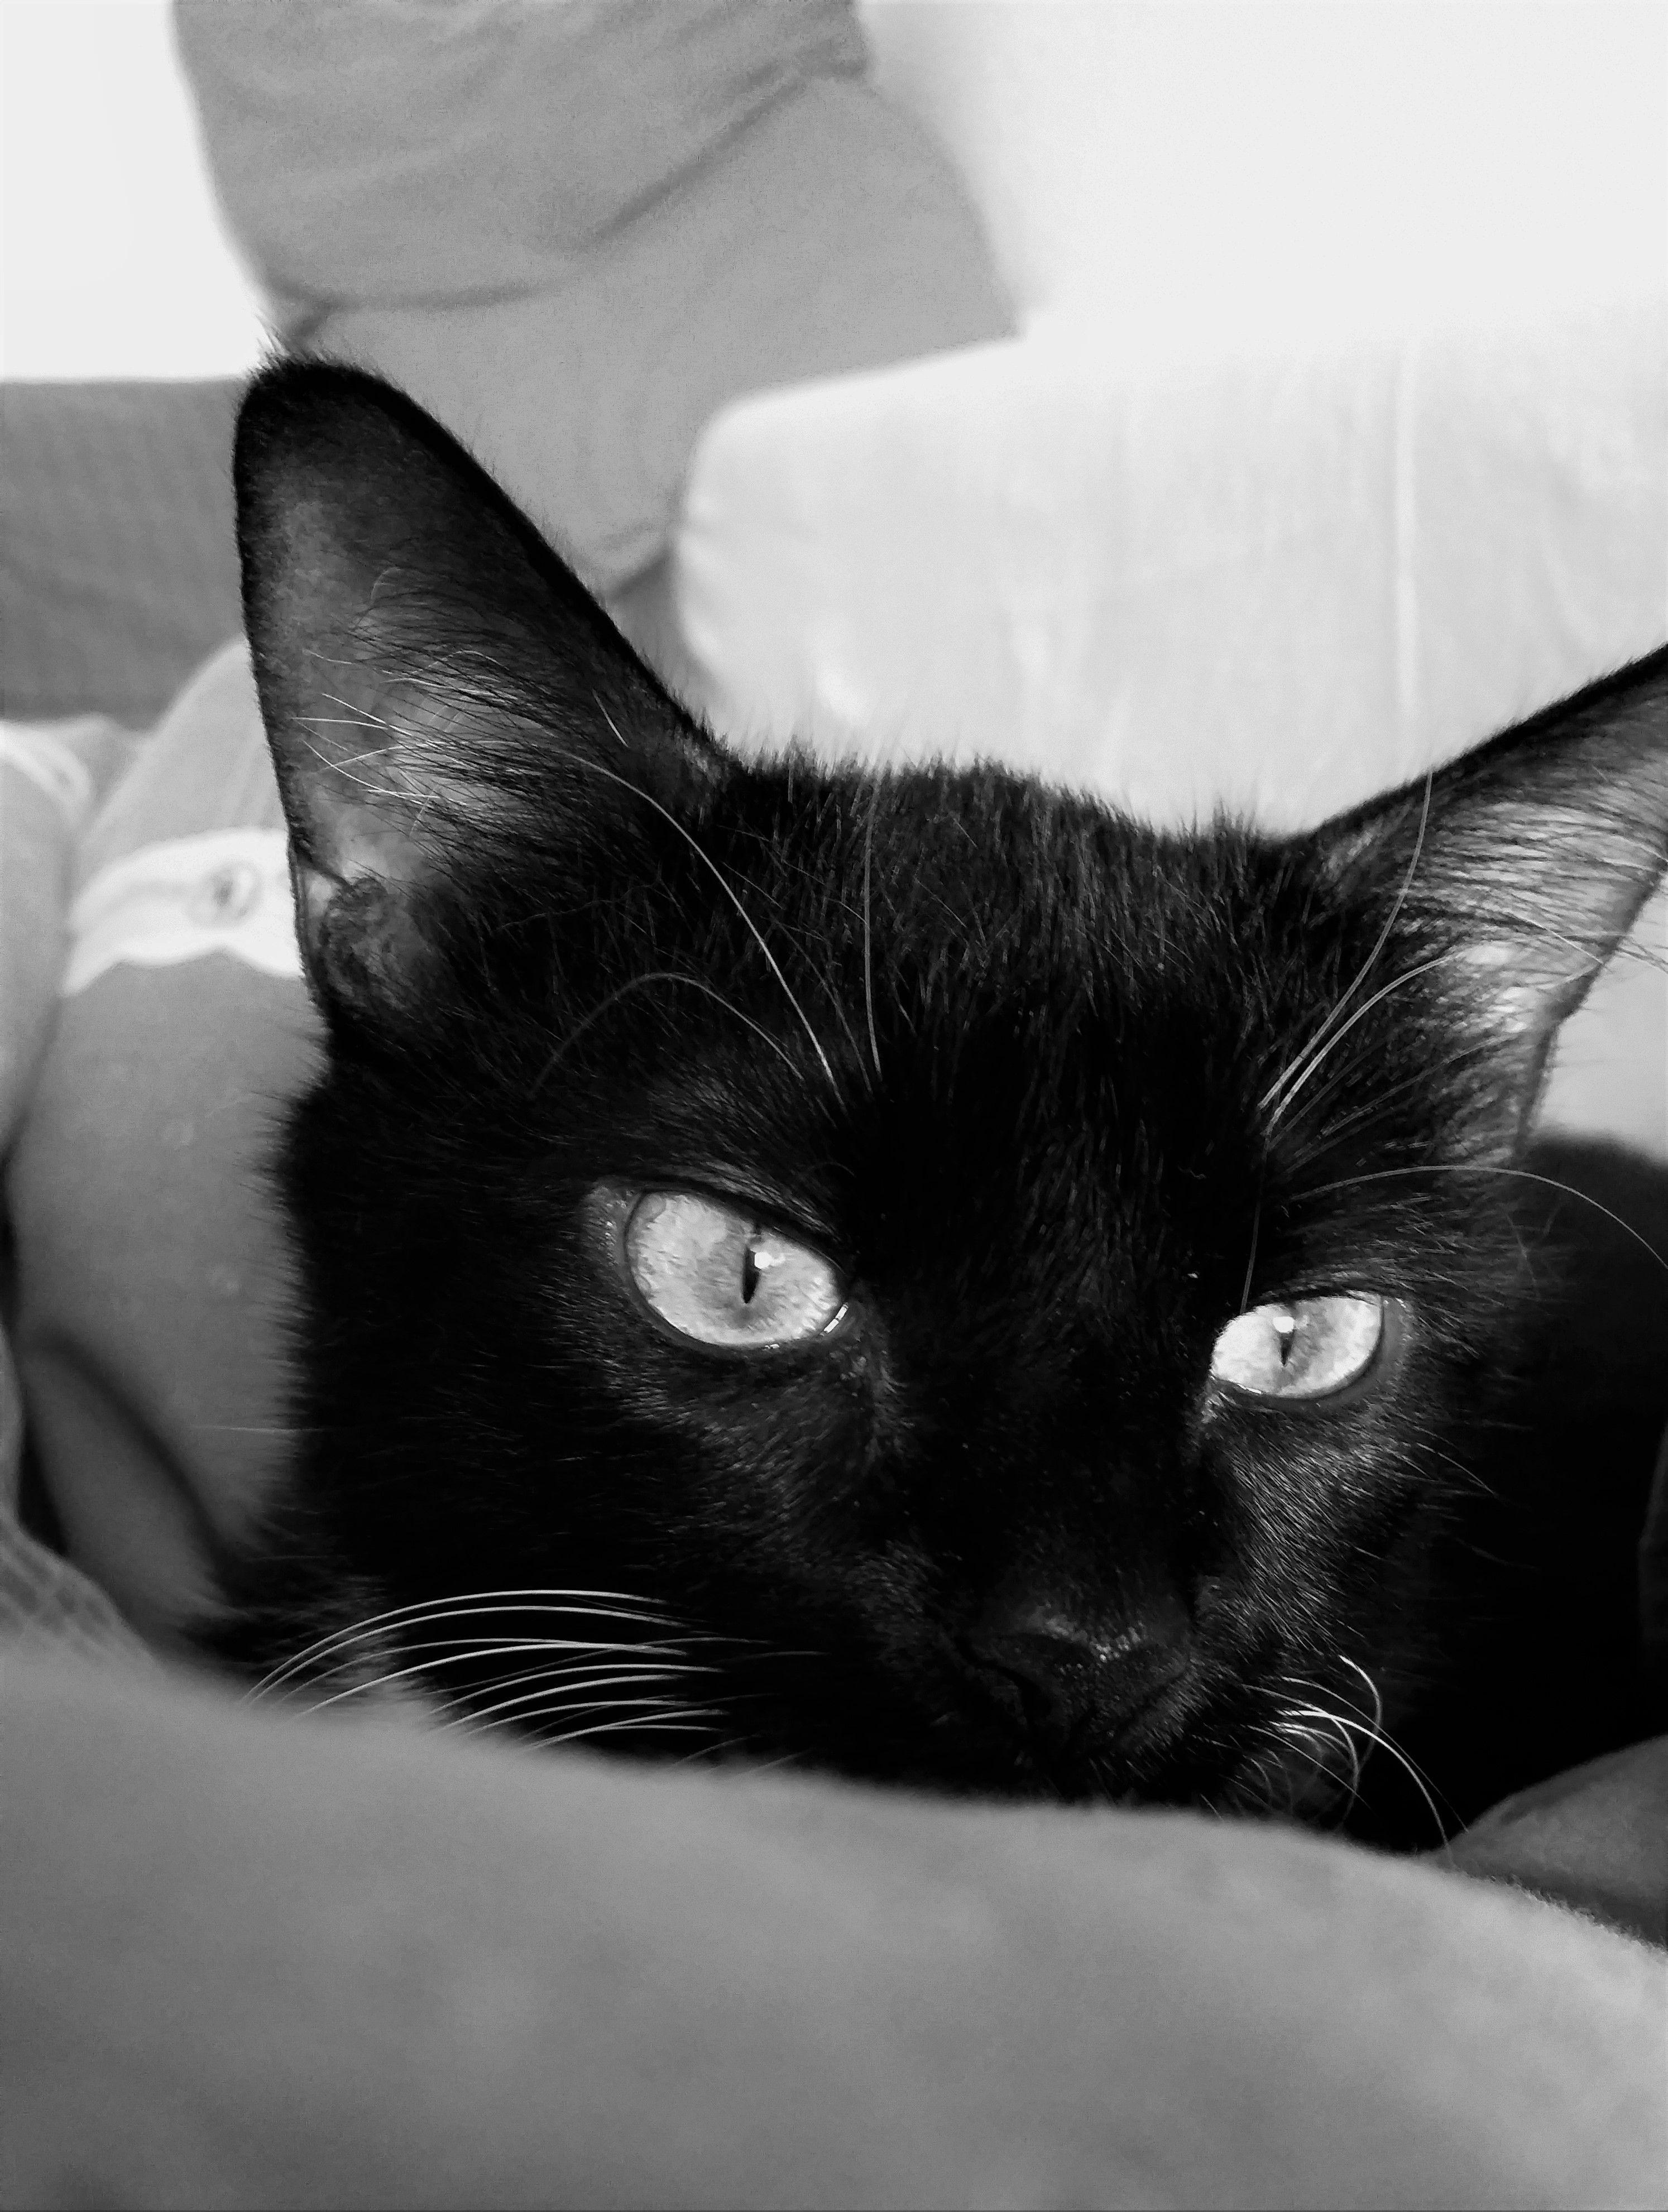 Tagtraumen Der Katze Schwarz Weiss Katze Schwarz Weiss Schwarz